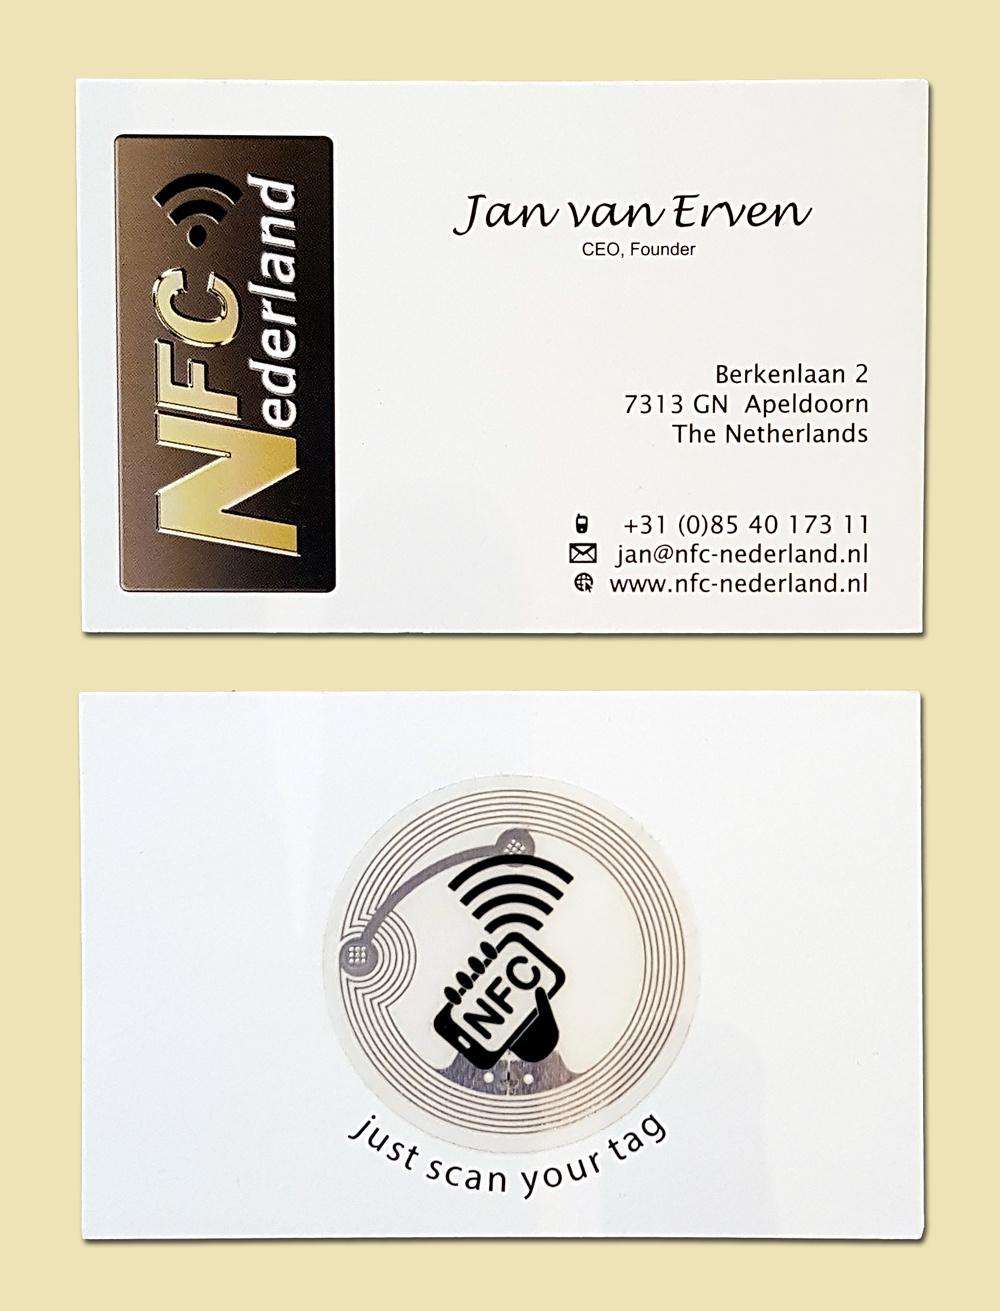 Visitekaartje met NFC